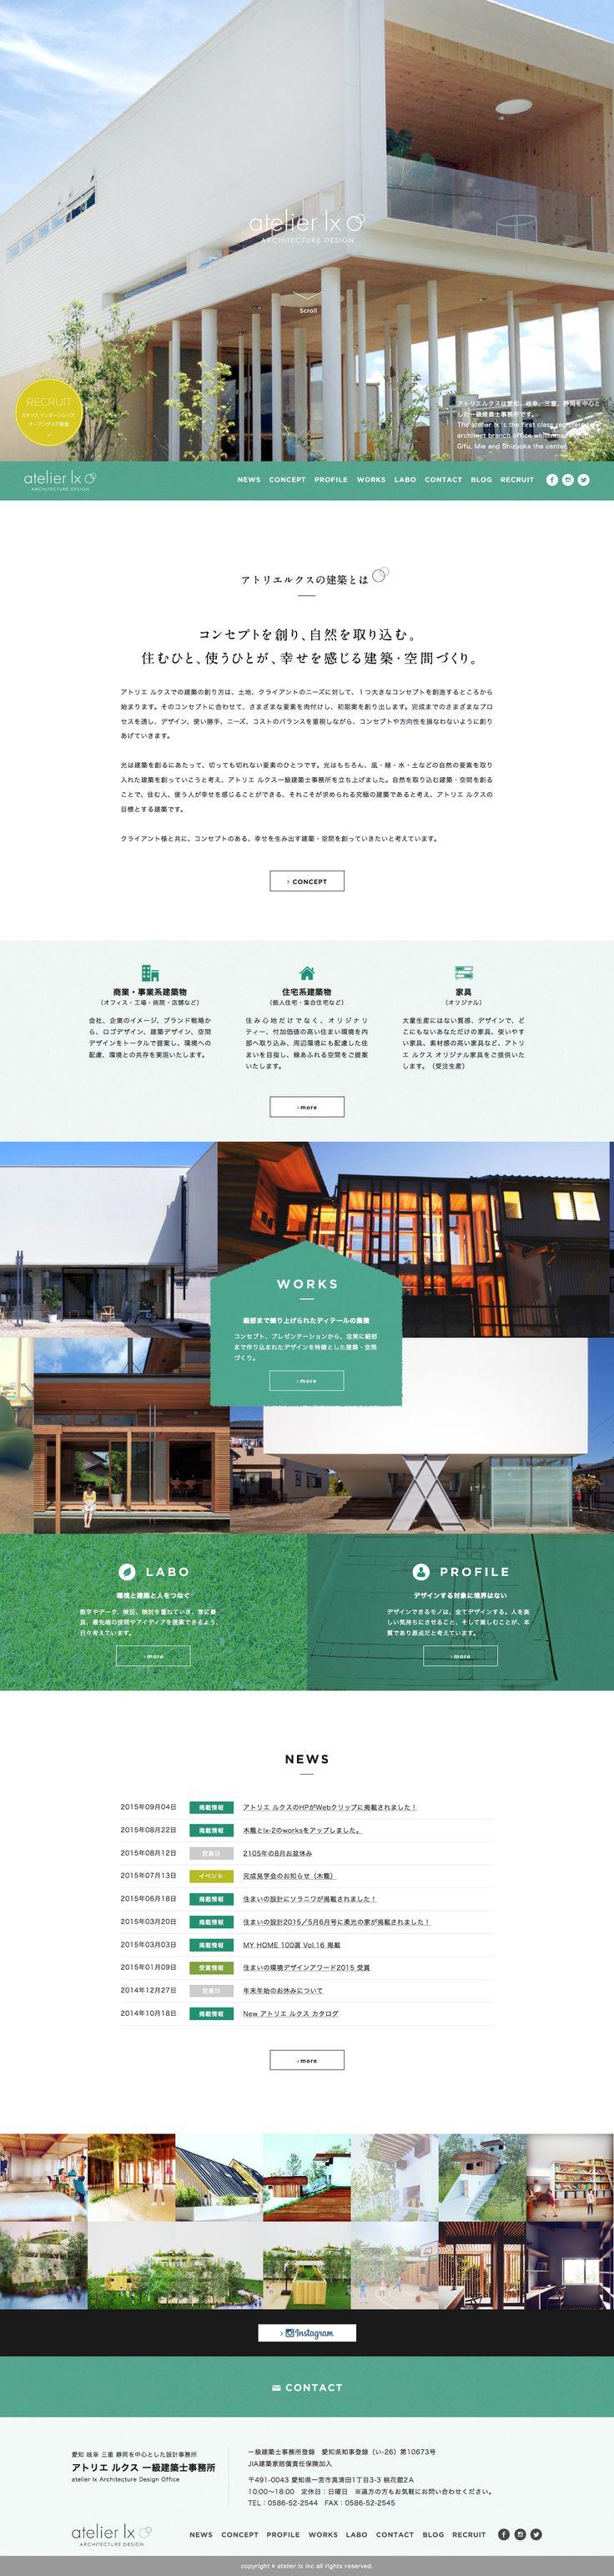 ホーム | 愛知 岐阜 三重 静岡を中心とした設計事務所 アトリエルクス : 81-web.com【Webデザイン リンク集】